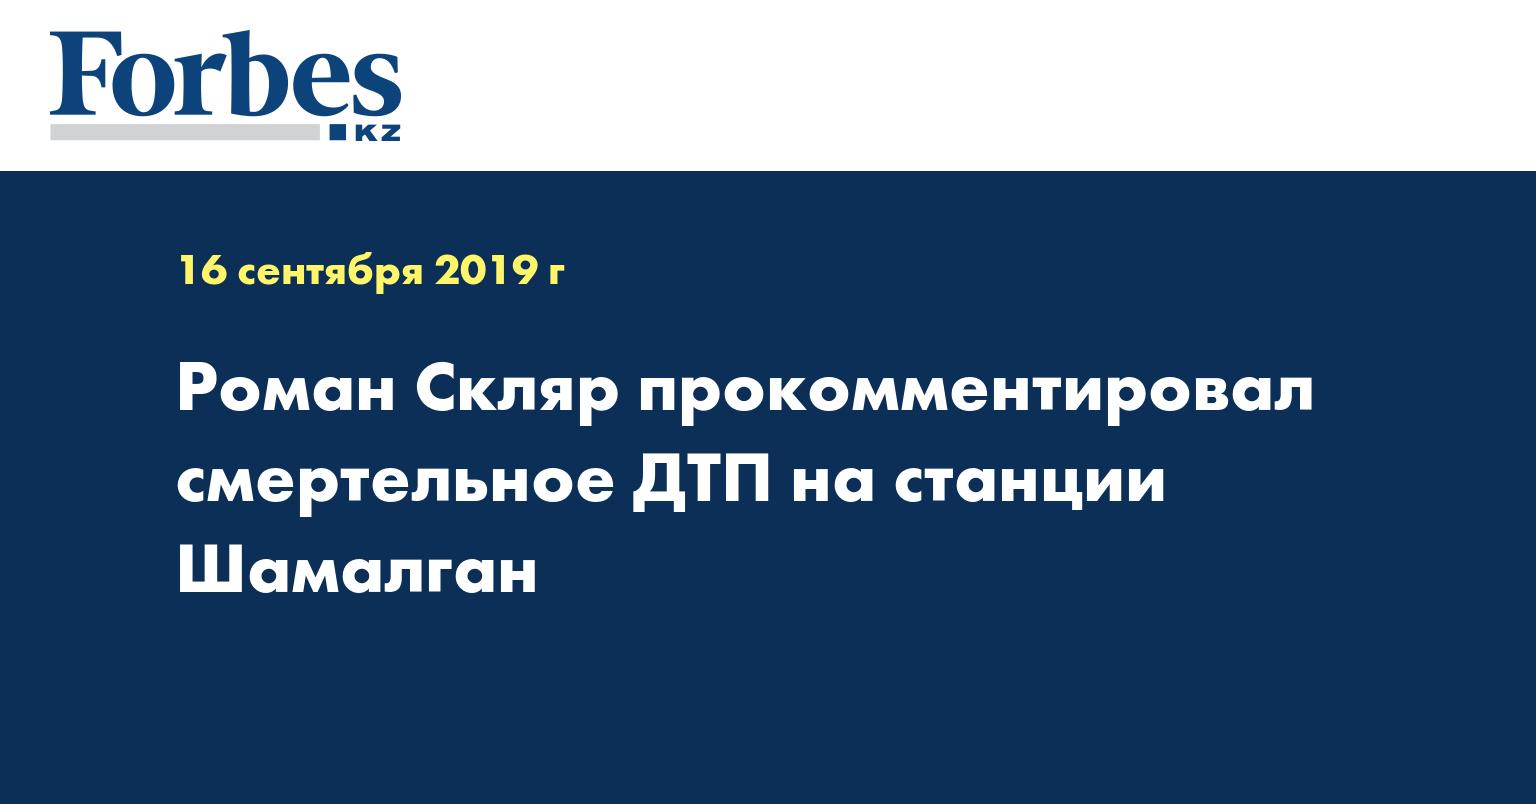 Роман Скляр прокомментировал смертельное ДТП на станции Шамалган